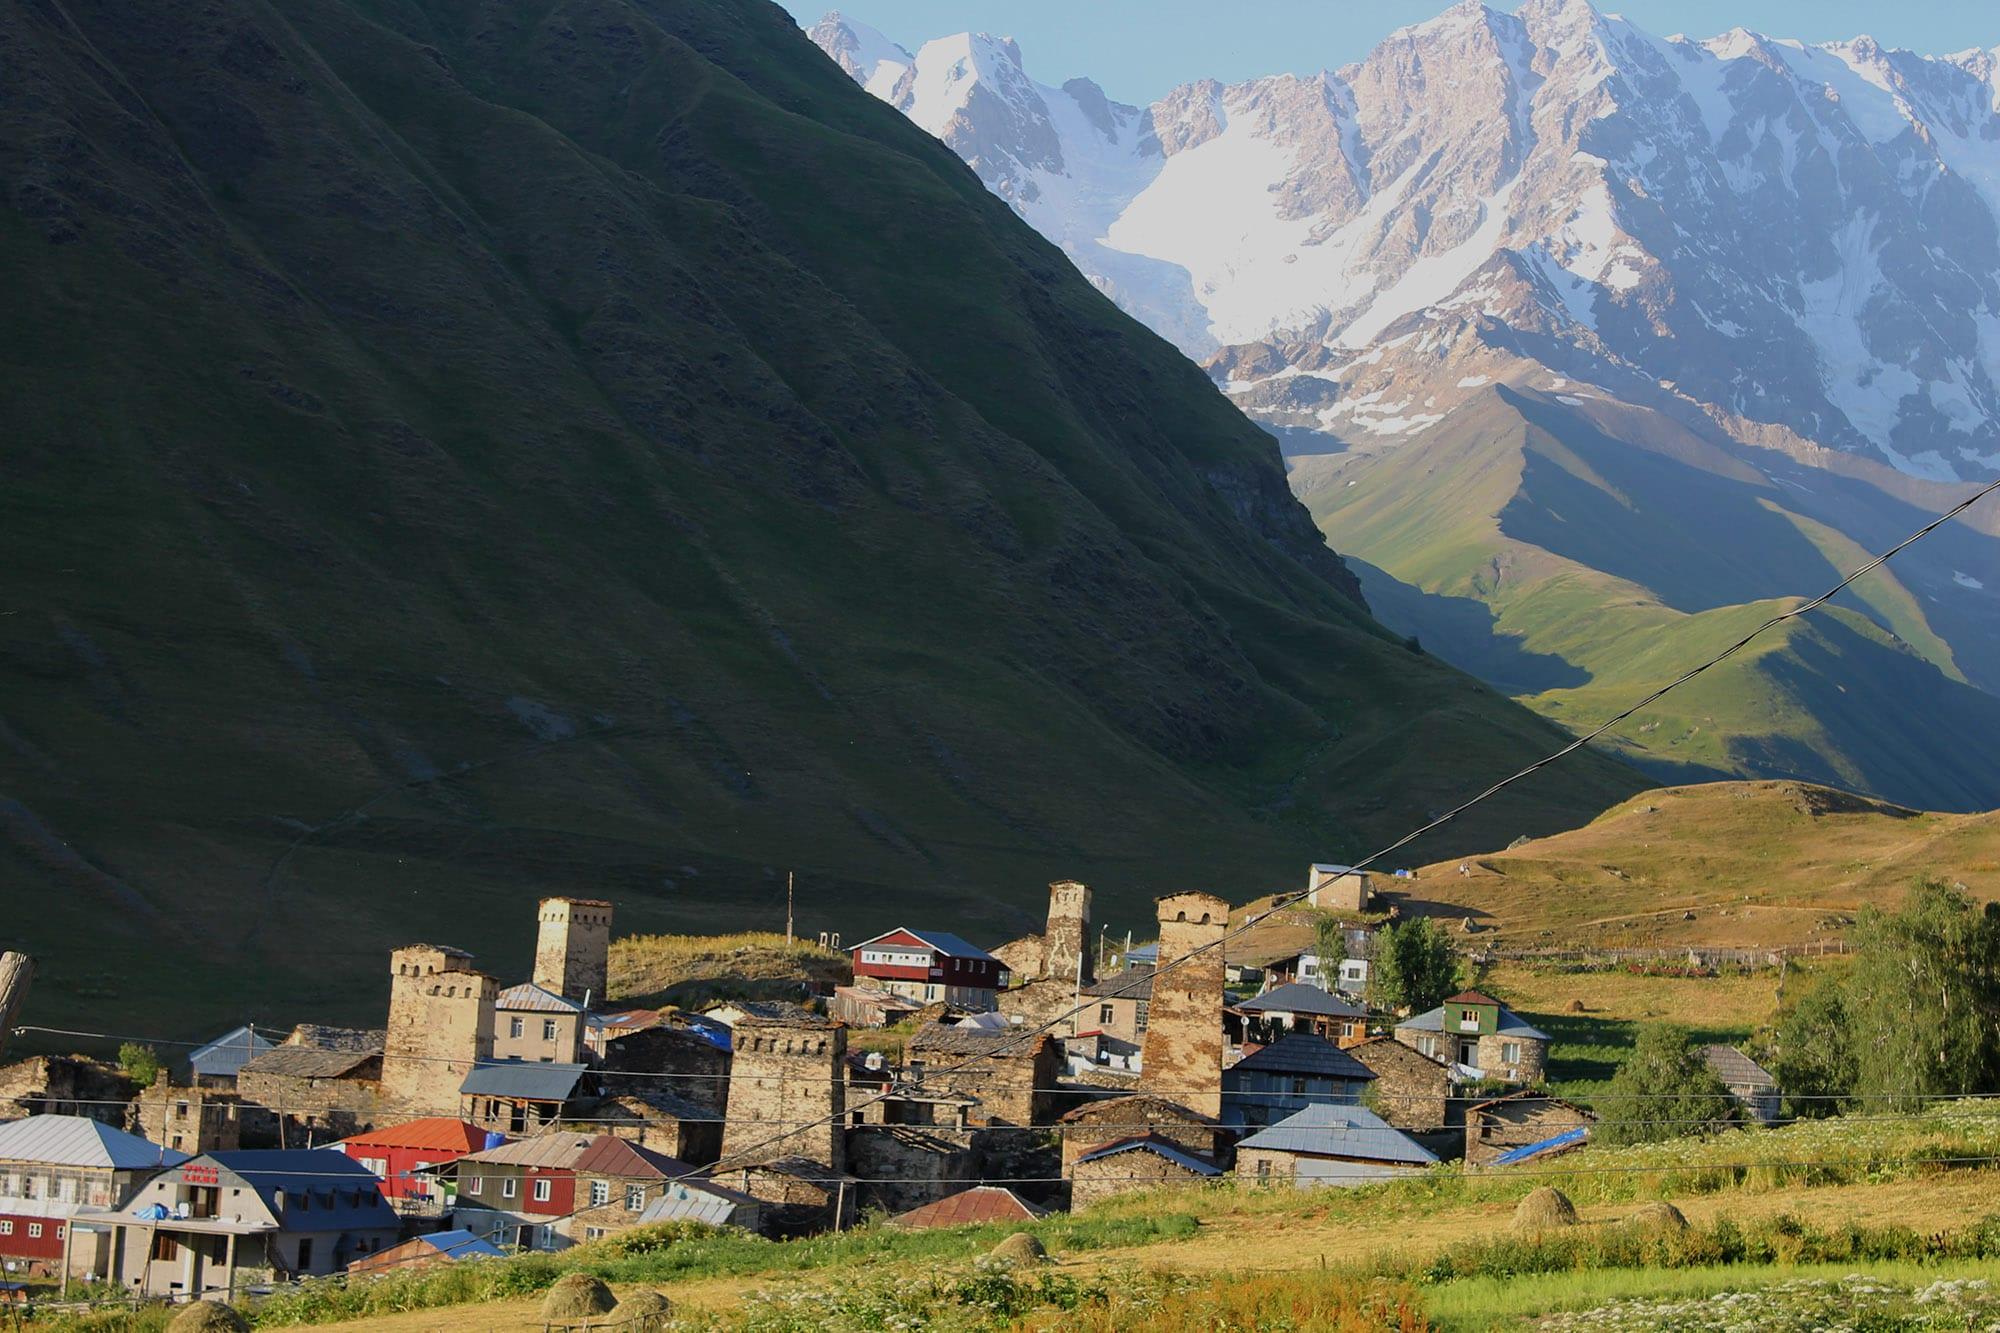 The village of Ushguli